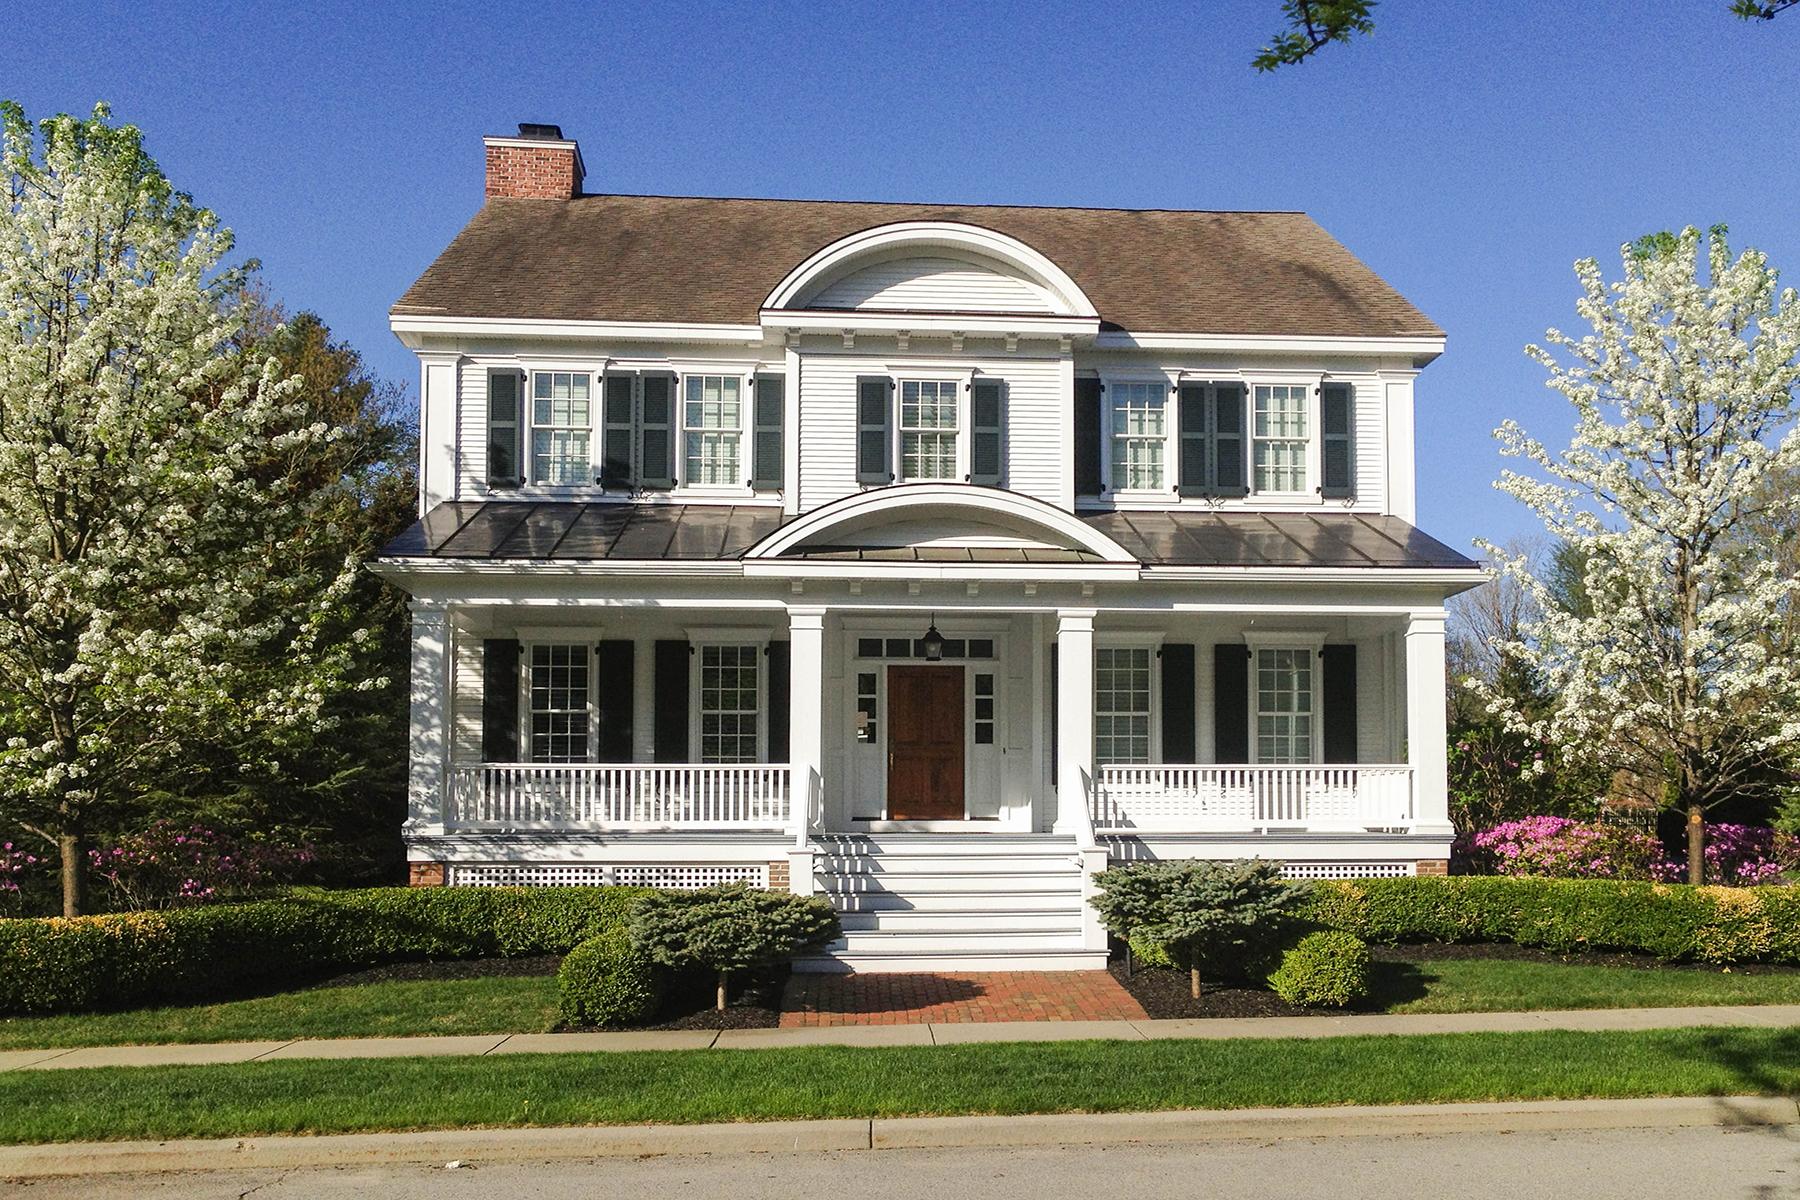 一戸建て のために 売買 アット Waterview Drive 62 Waterview Dr Saratoga Springs, ニューヨーク, 12866 アメリカ合衆国